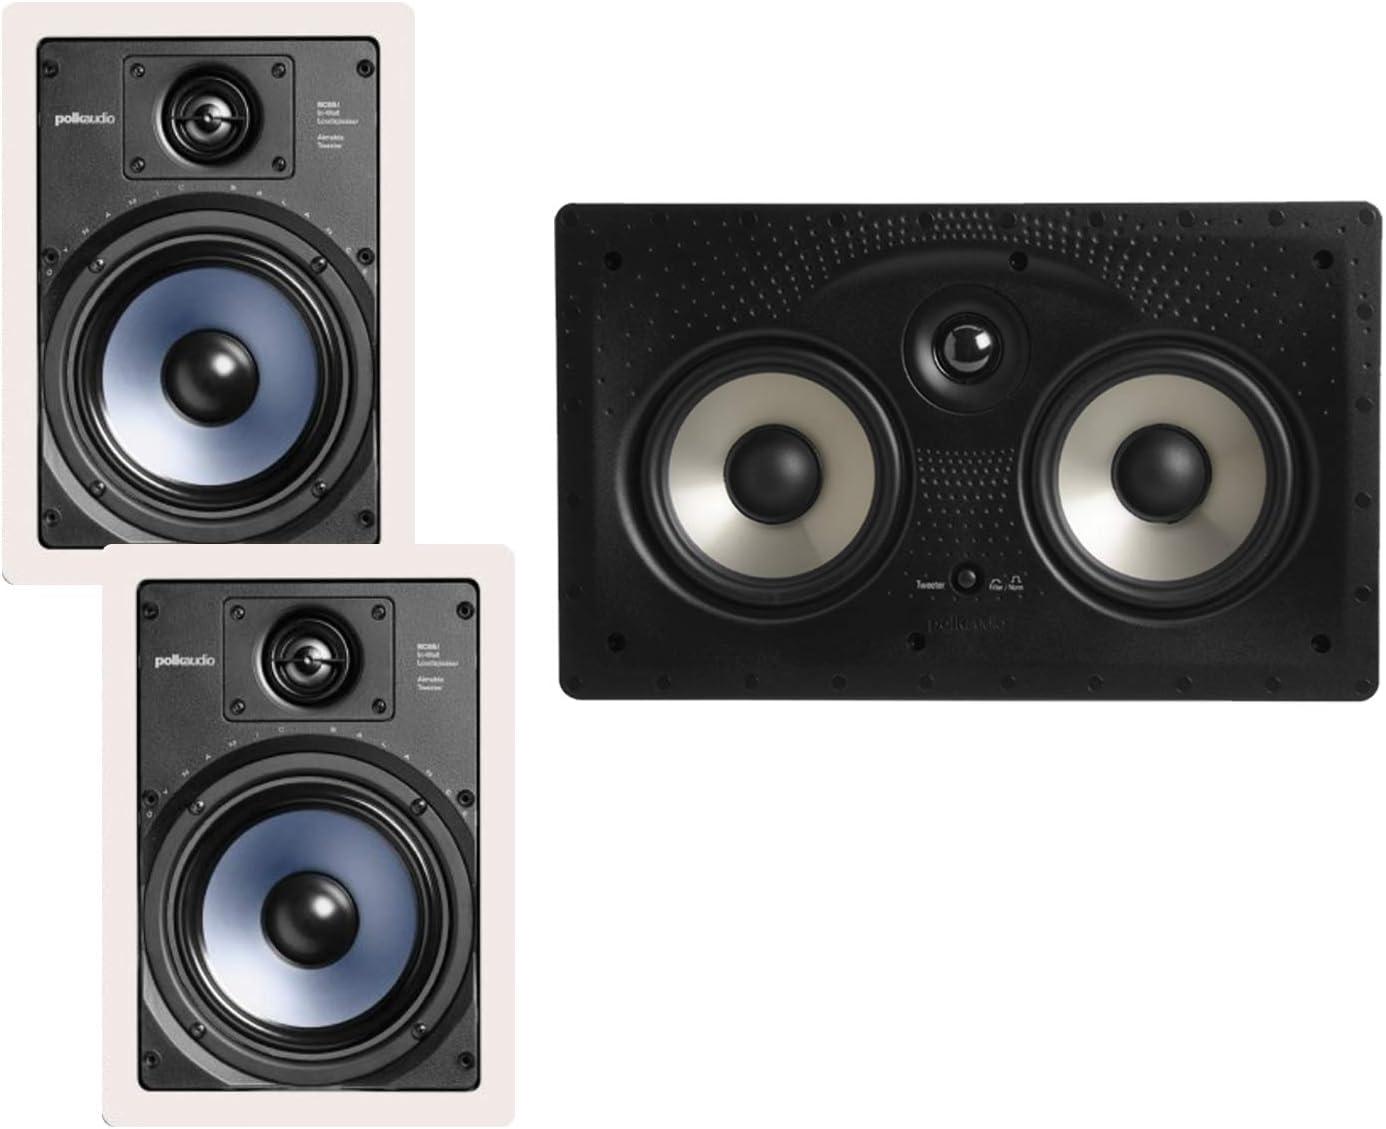 Best Center Channel Speaker - 2021 Buyers' Guide